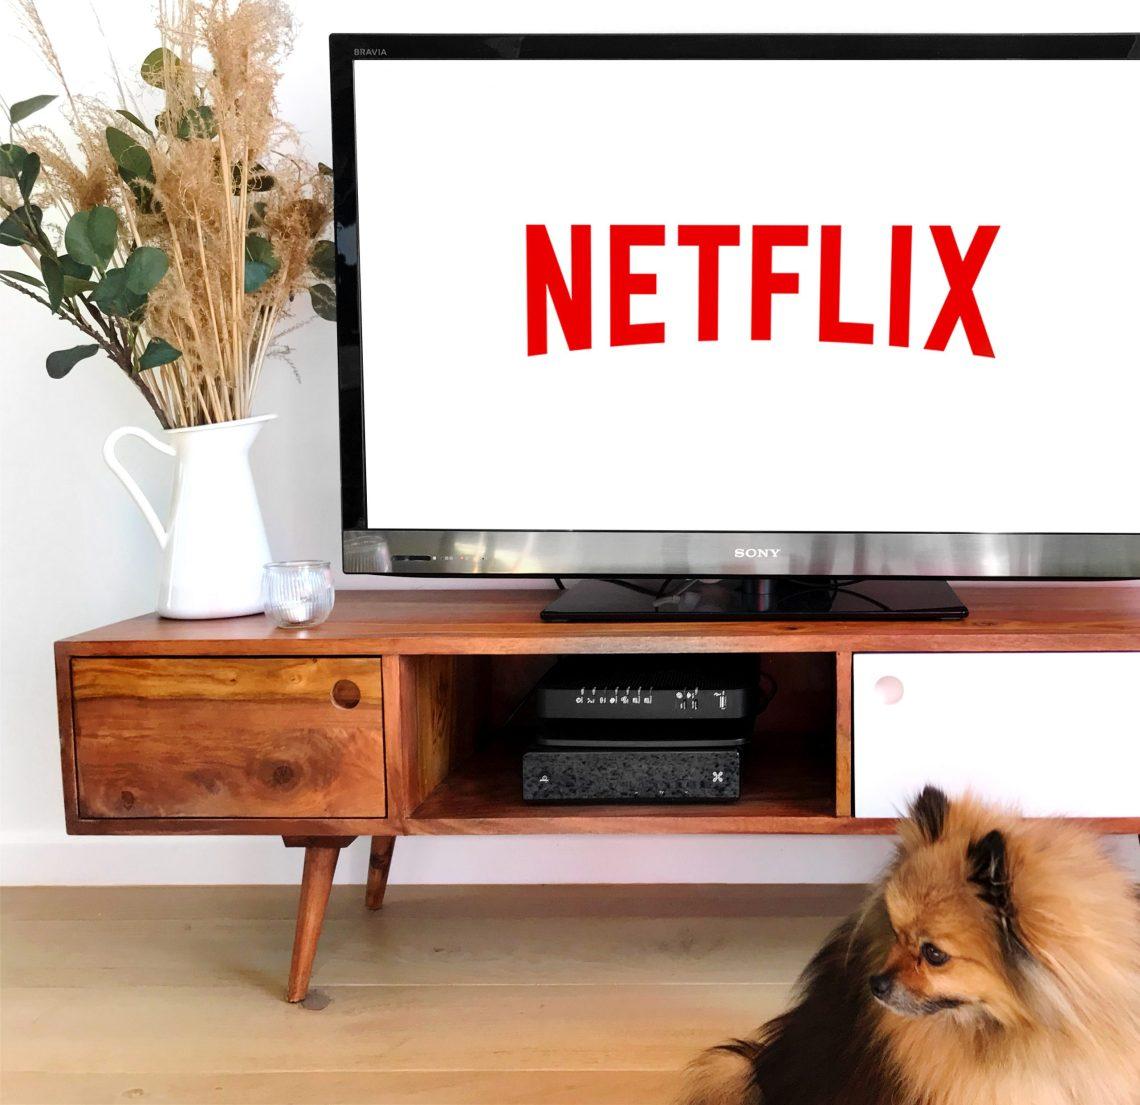 Netflix sur écran de télévision